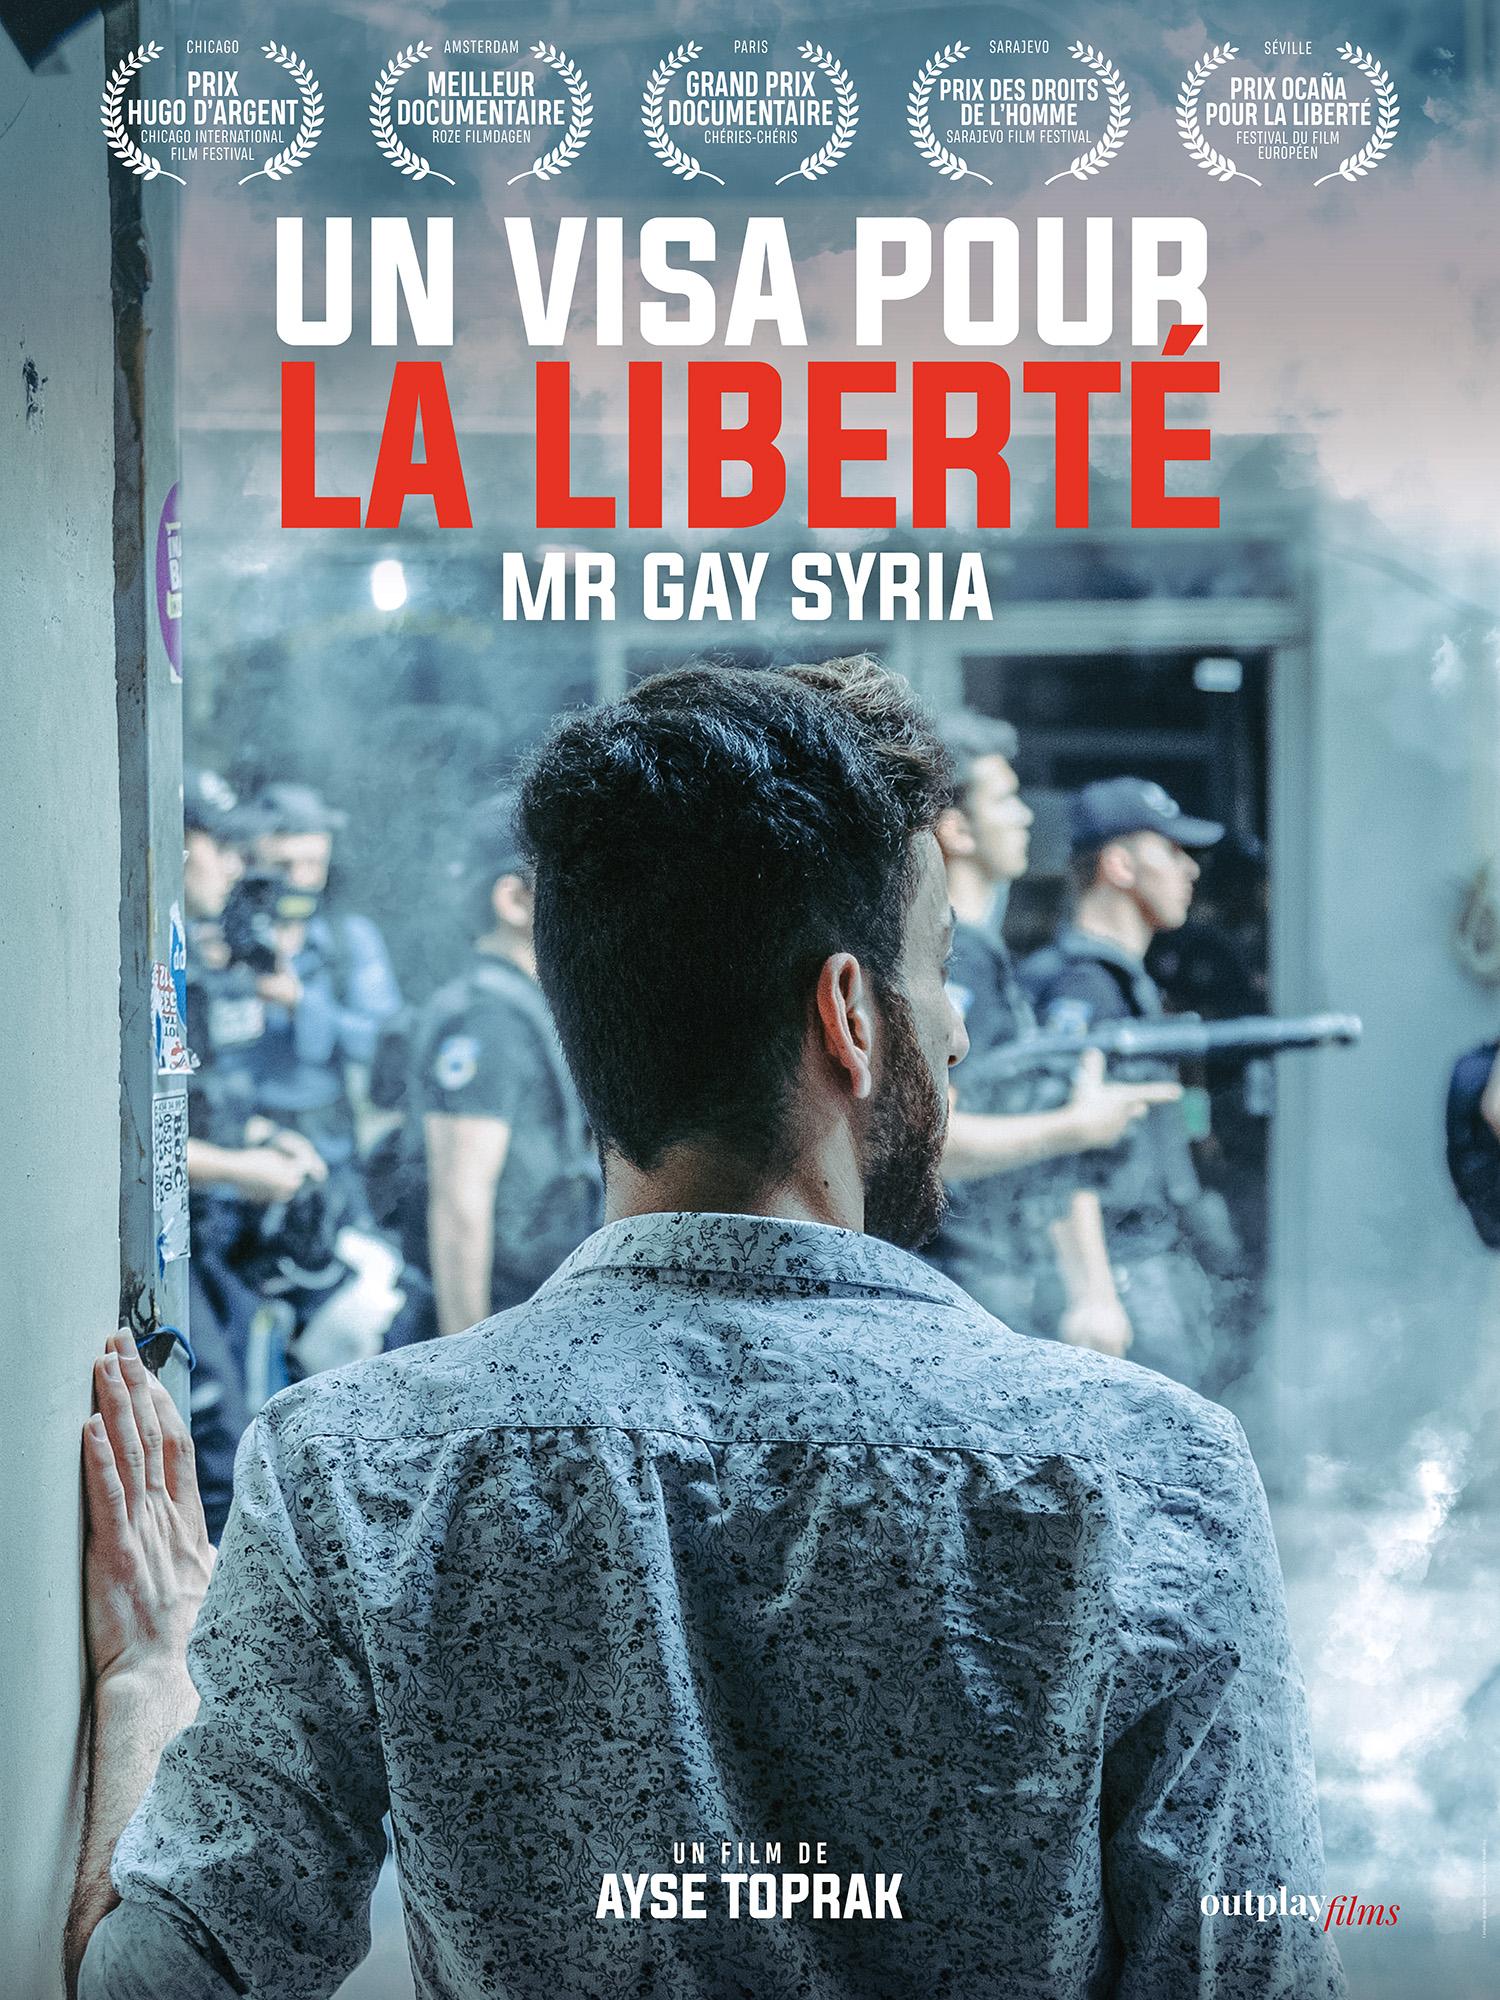 UN VISA POUR LA LIBERTÉ – MR GAY SYRIA